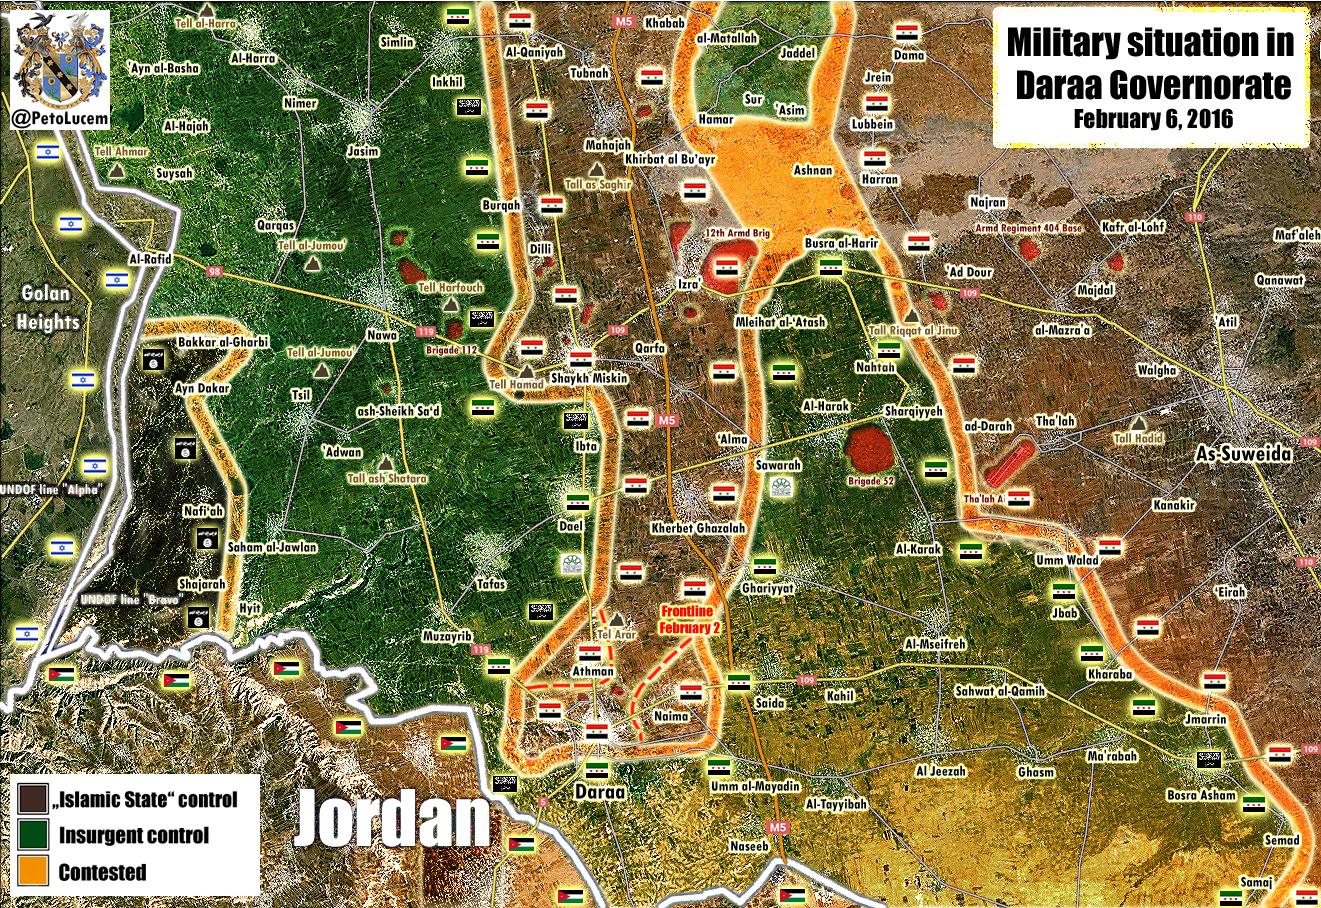 Последняя карта из провинции Дараа, где режима Асада при поддержки Ирана и России наступает на сирийскую оппозицию